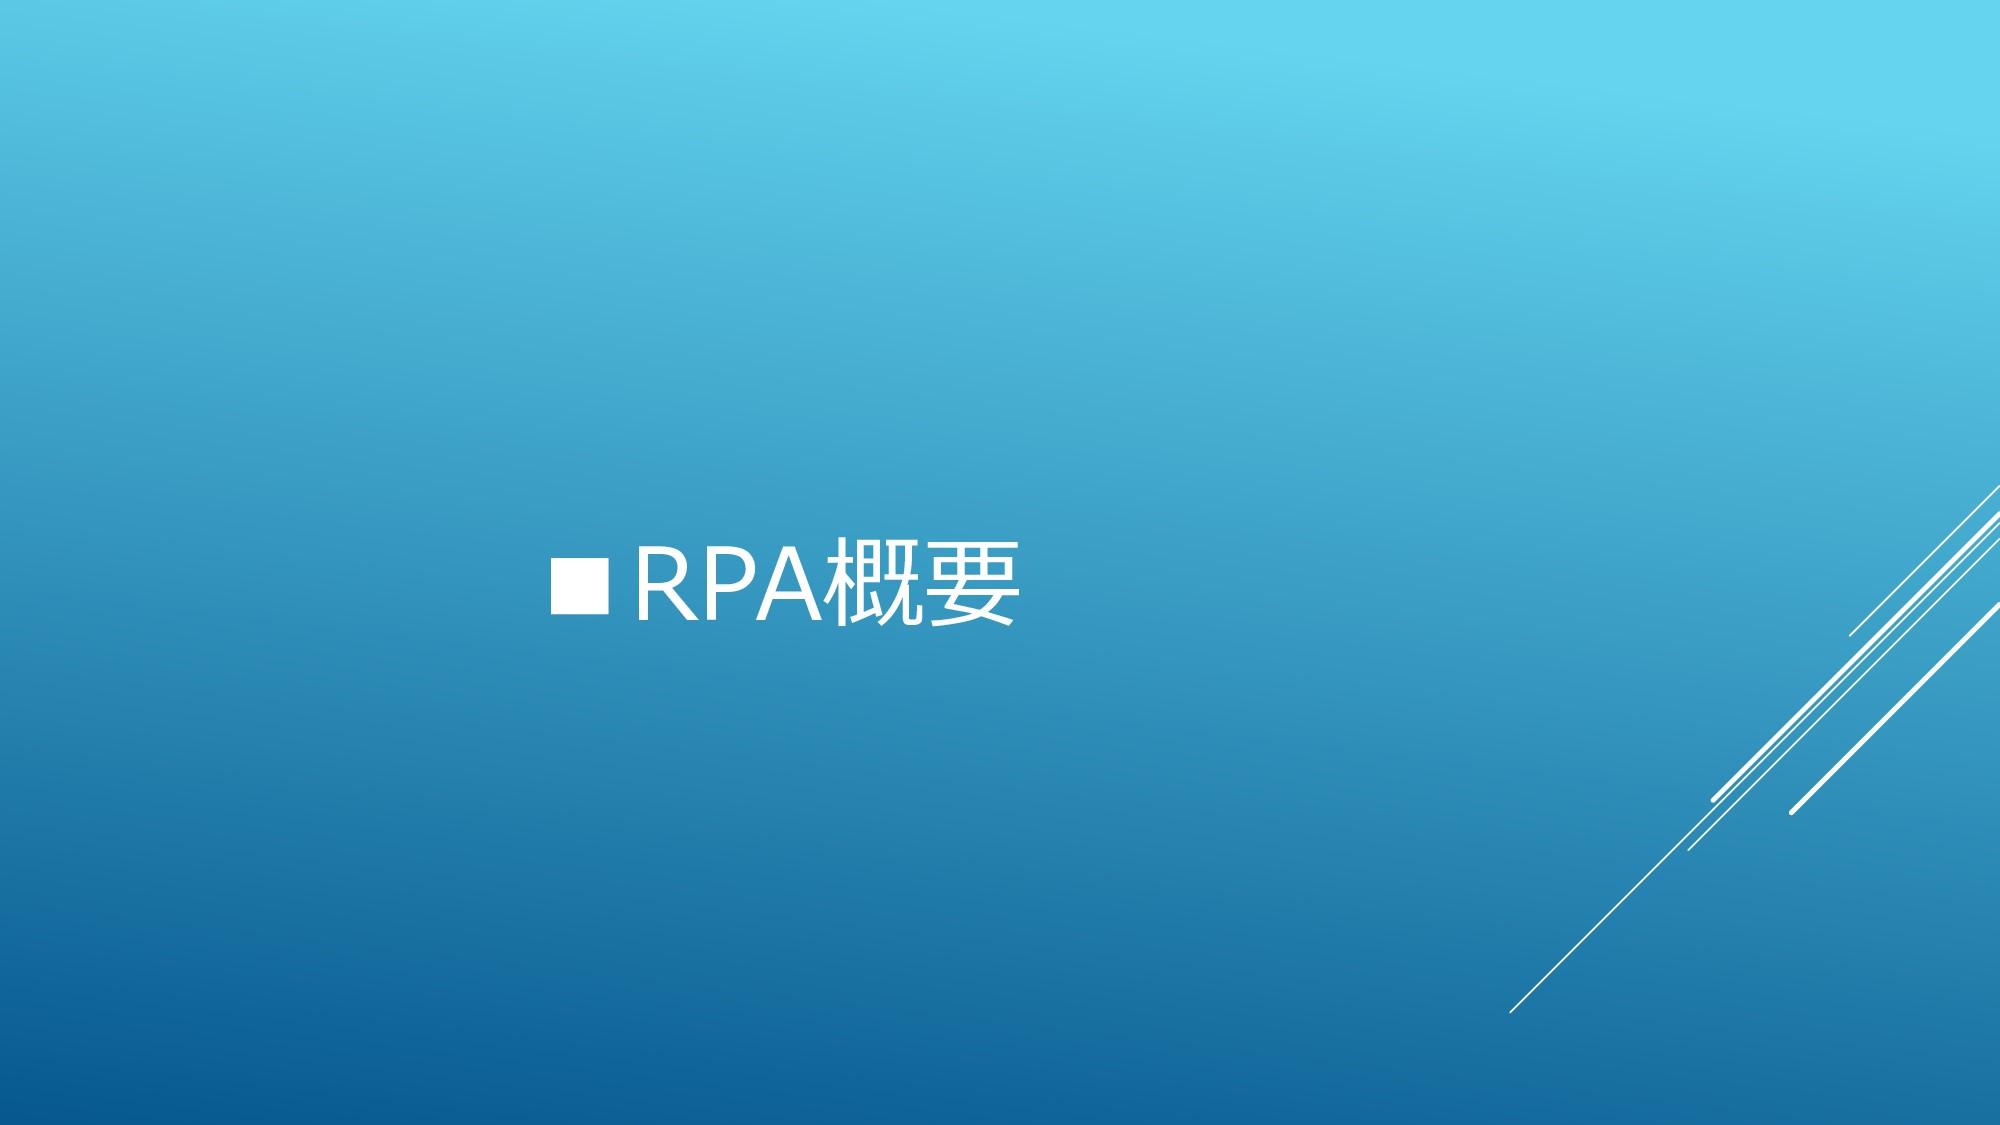 ■RPA概要